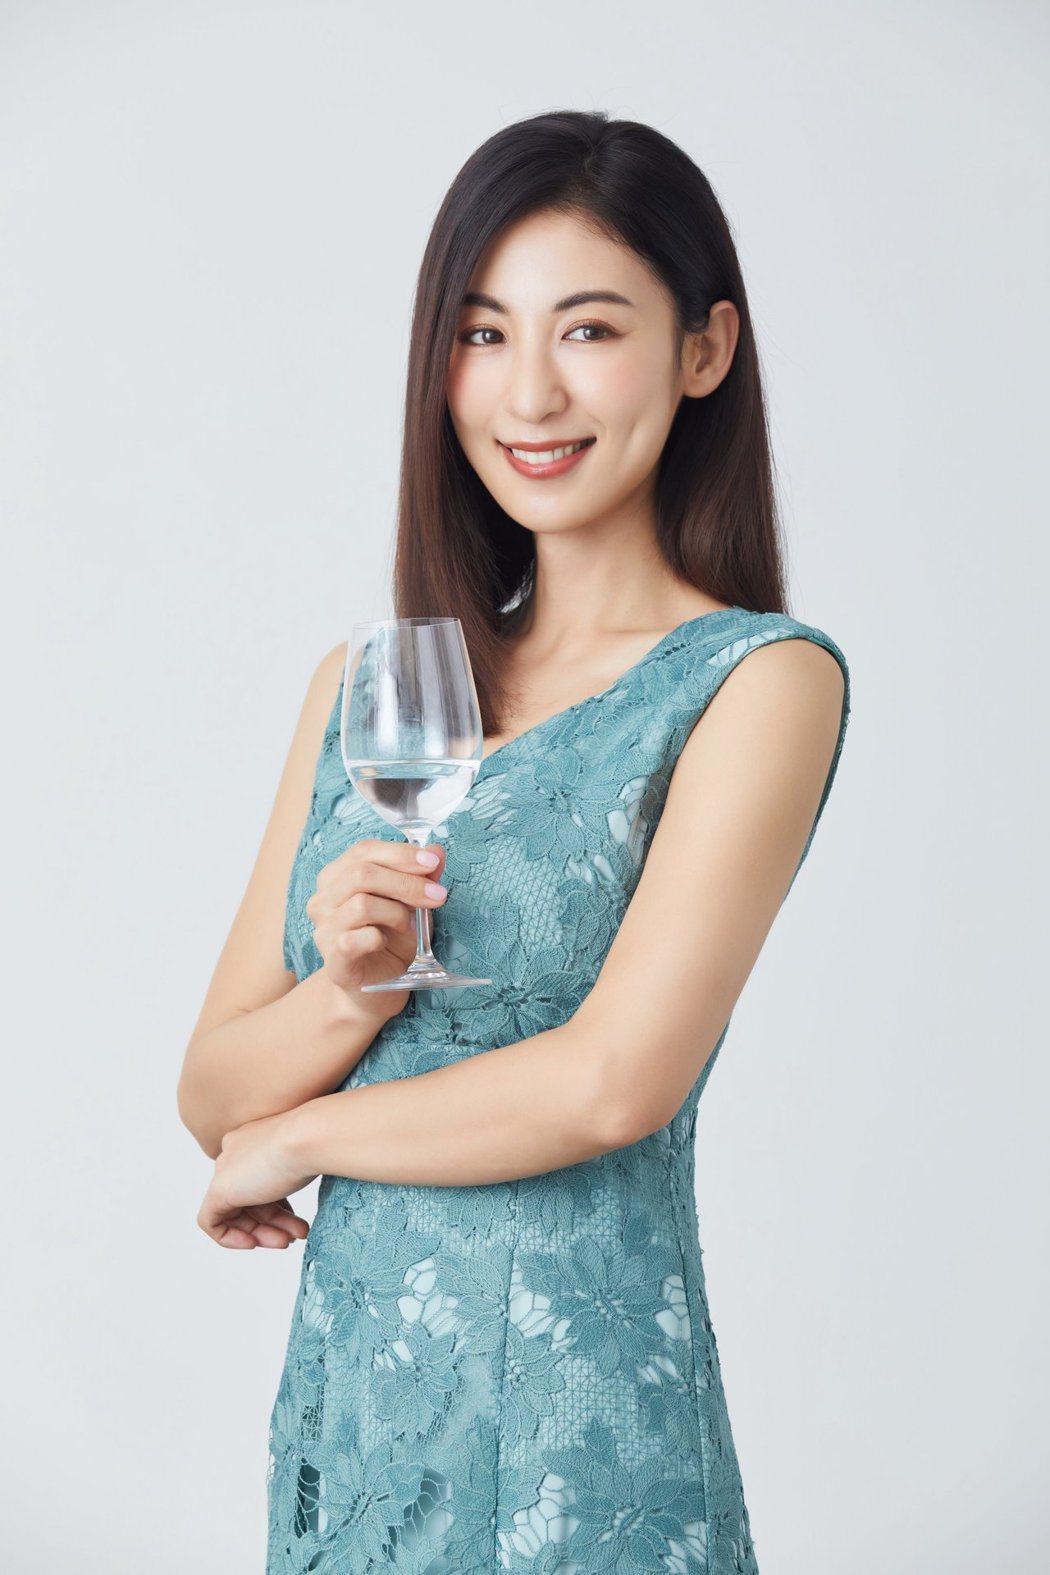 大久保麻梨子為故鄉福岡限定酒代言。圖/和心酒藏提供